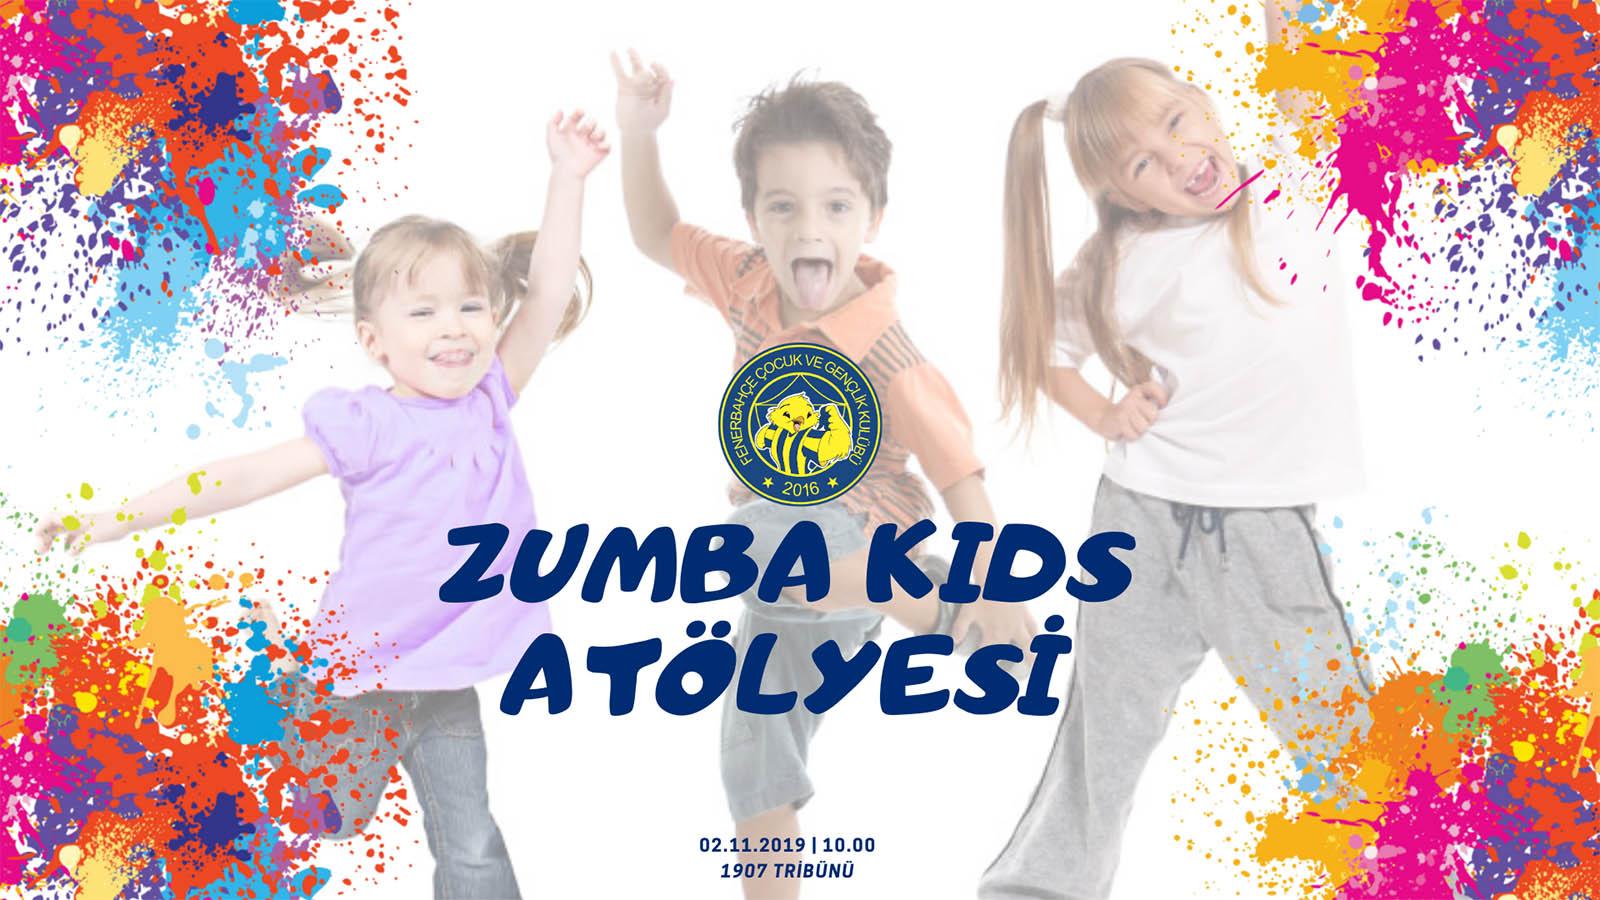 Çocuk ve Gençlik Kulübümüzden Zumba Kids Atölyesi